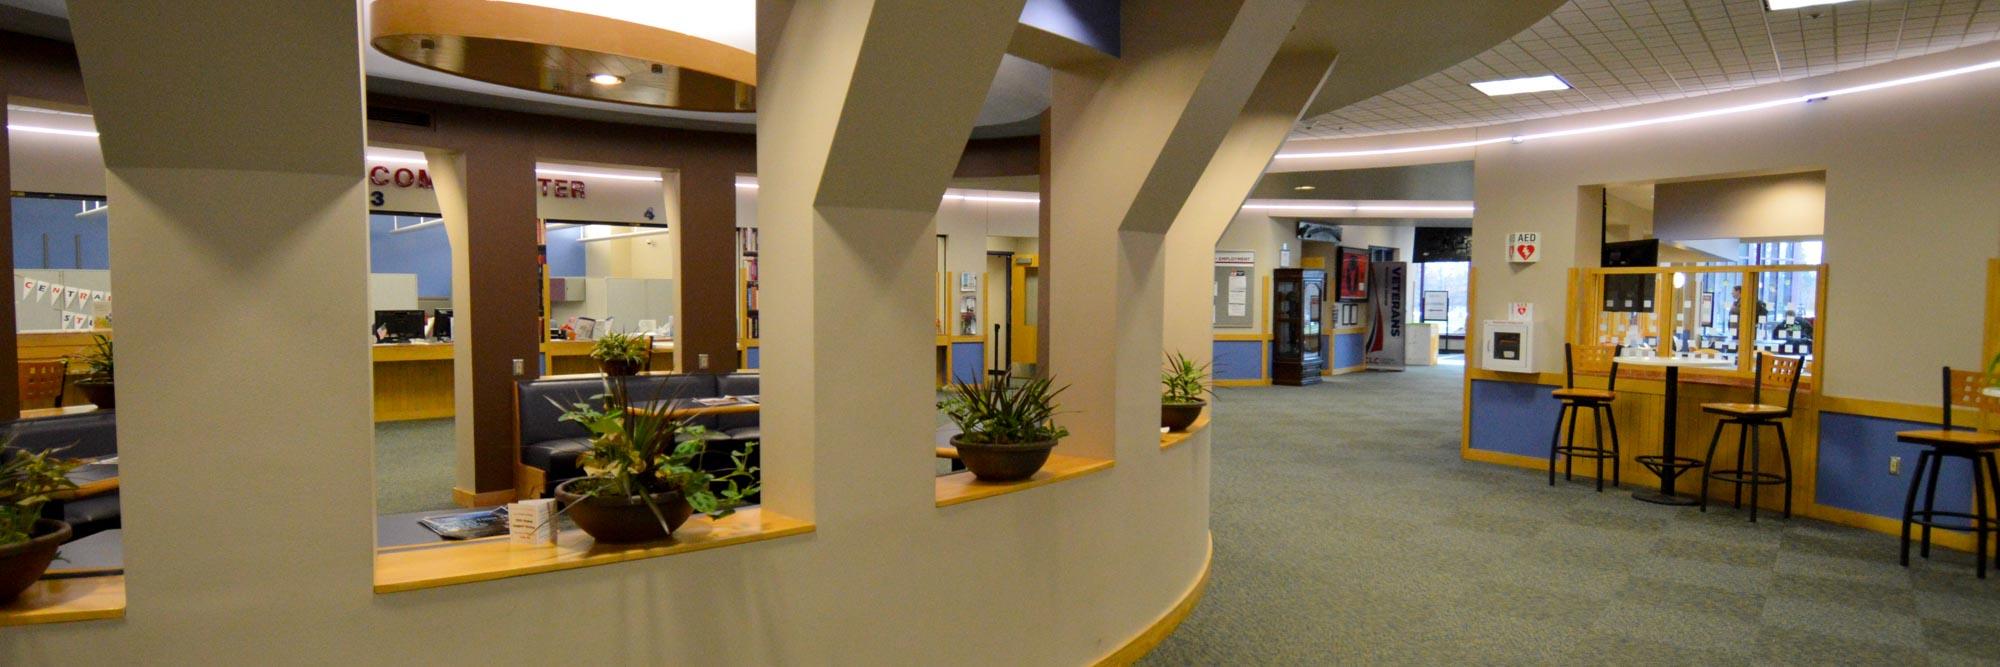 clc campus interior